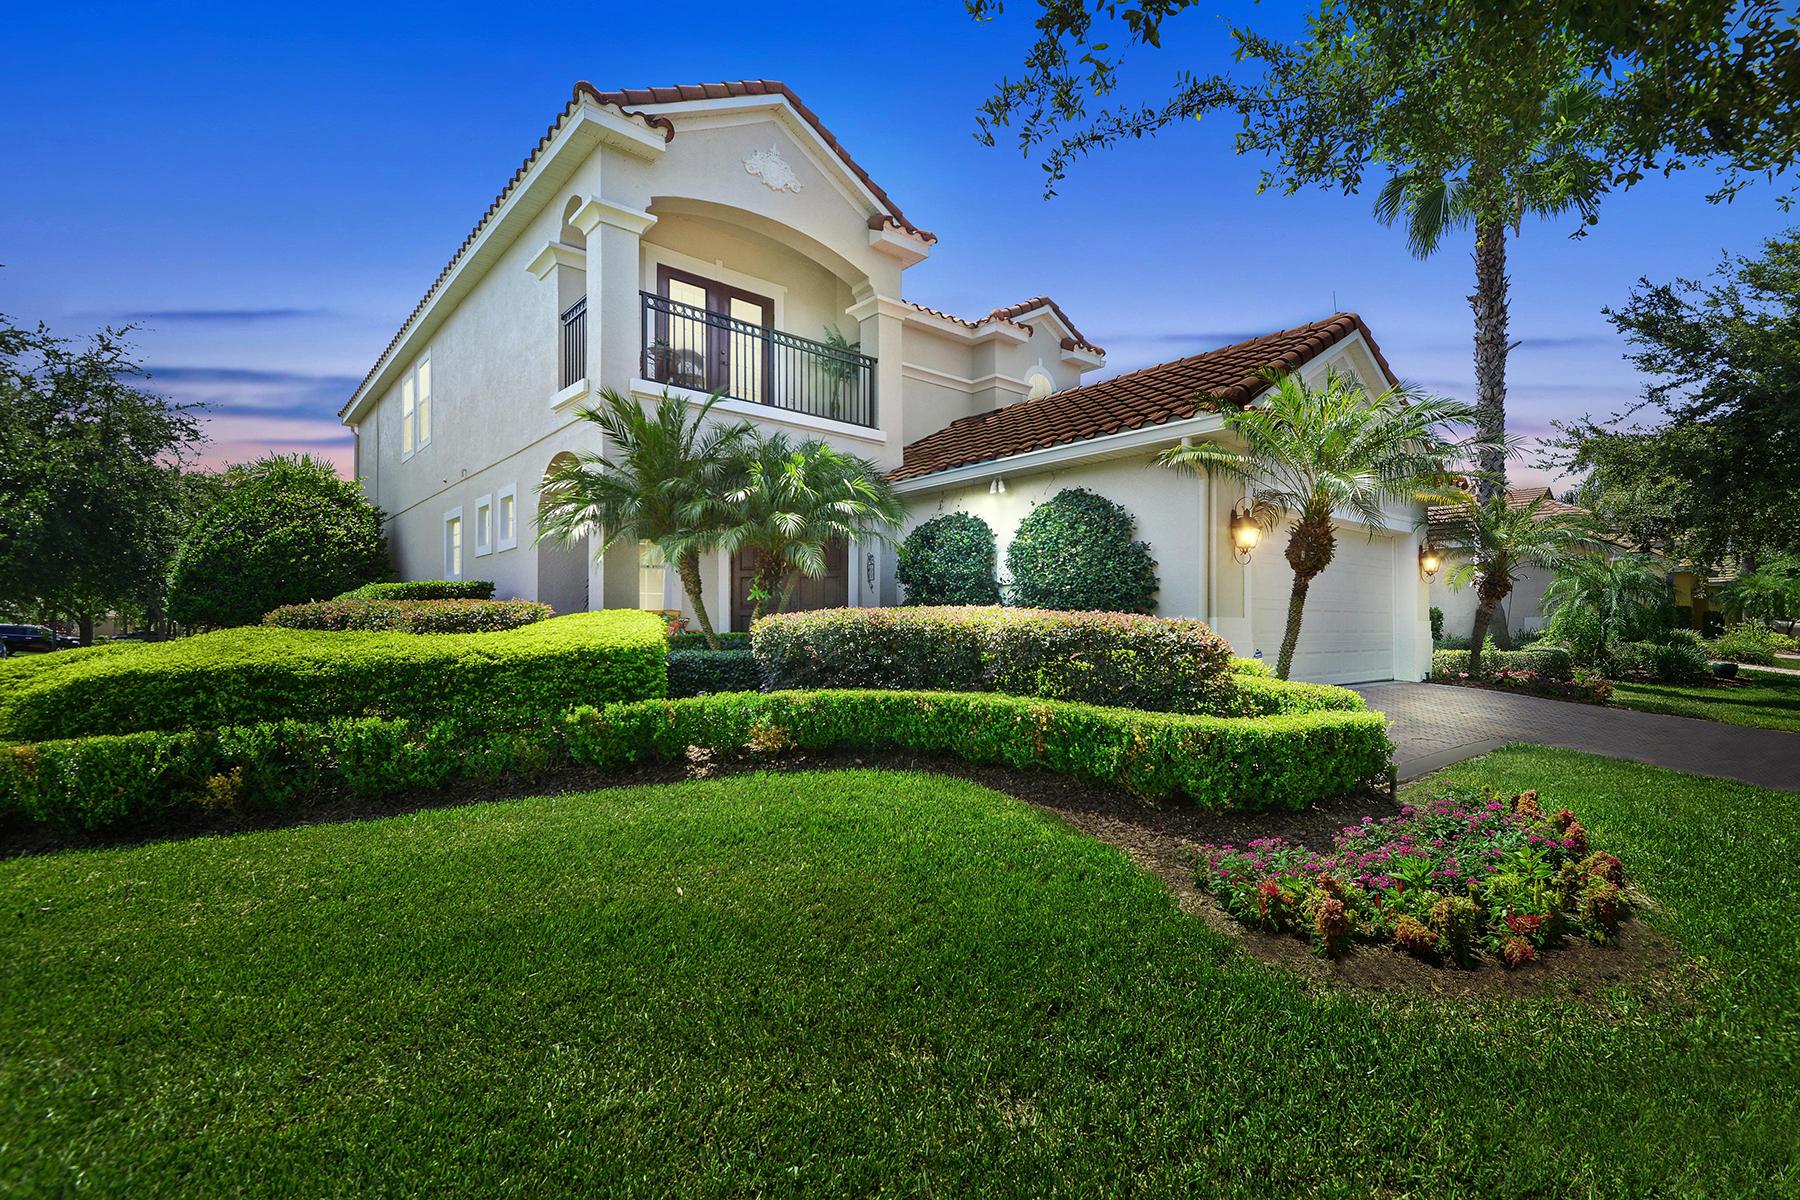 Villa per Vendita alle ore Orlando, Florida 8157 Via Bella Notte Orlando, Florida, 32836 Stati Uniti